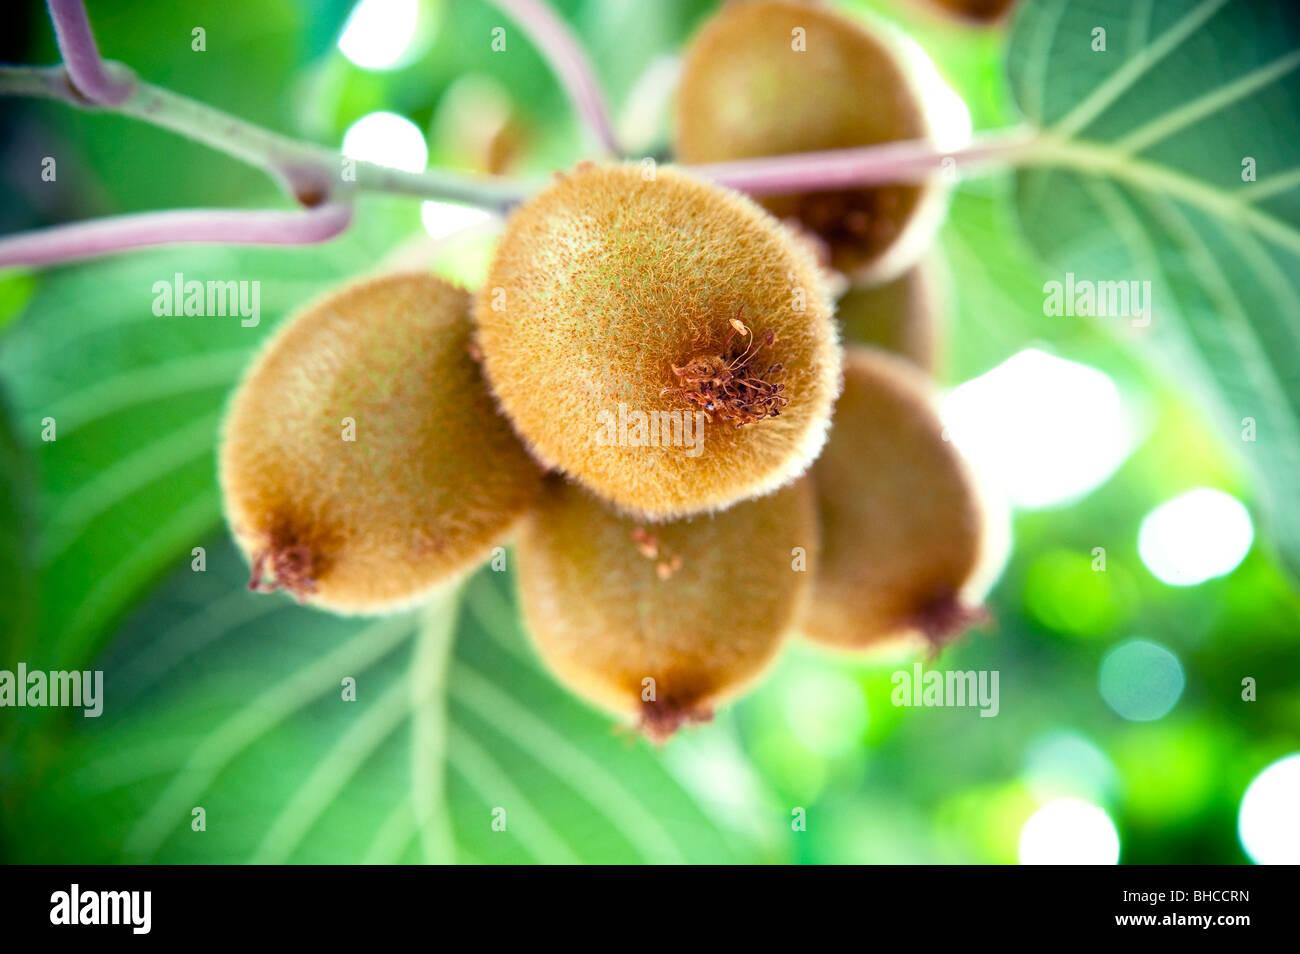 Close-up of Kiwi Plant - Stock Image